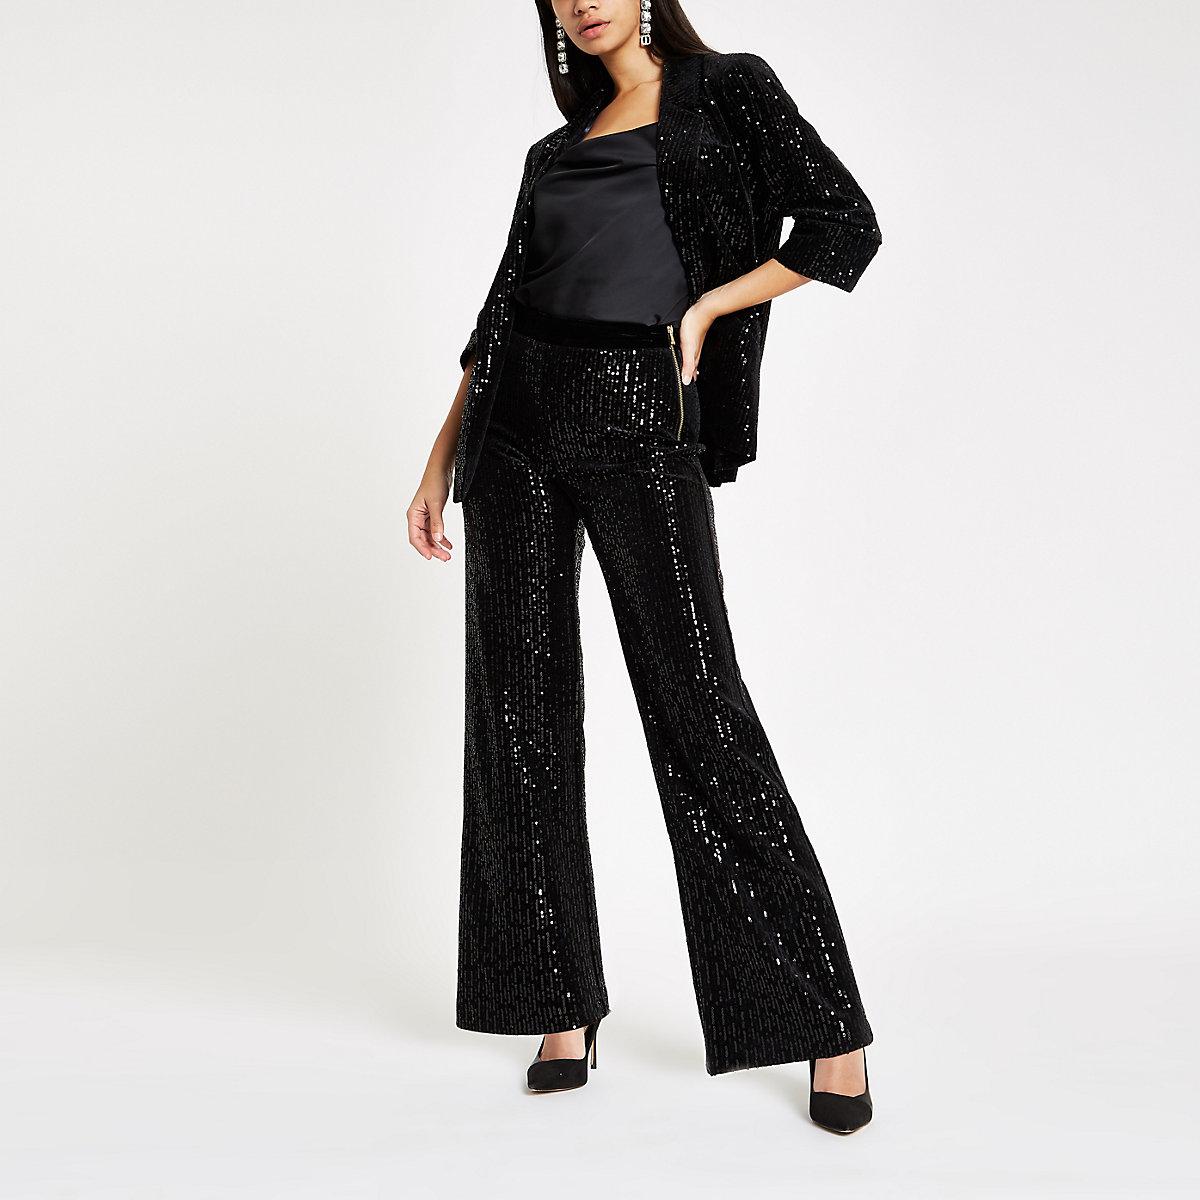 Black velvet sequin wide leg pants